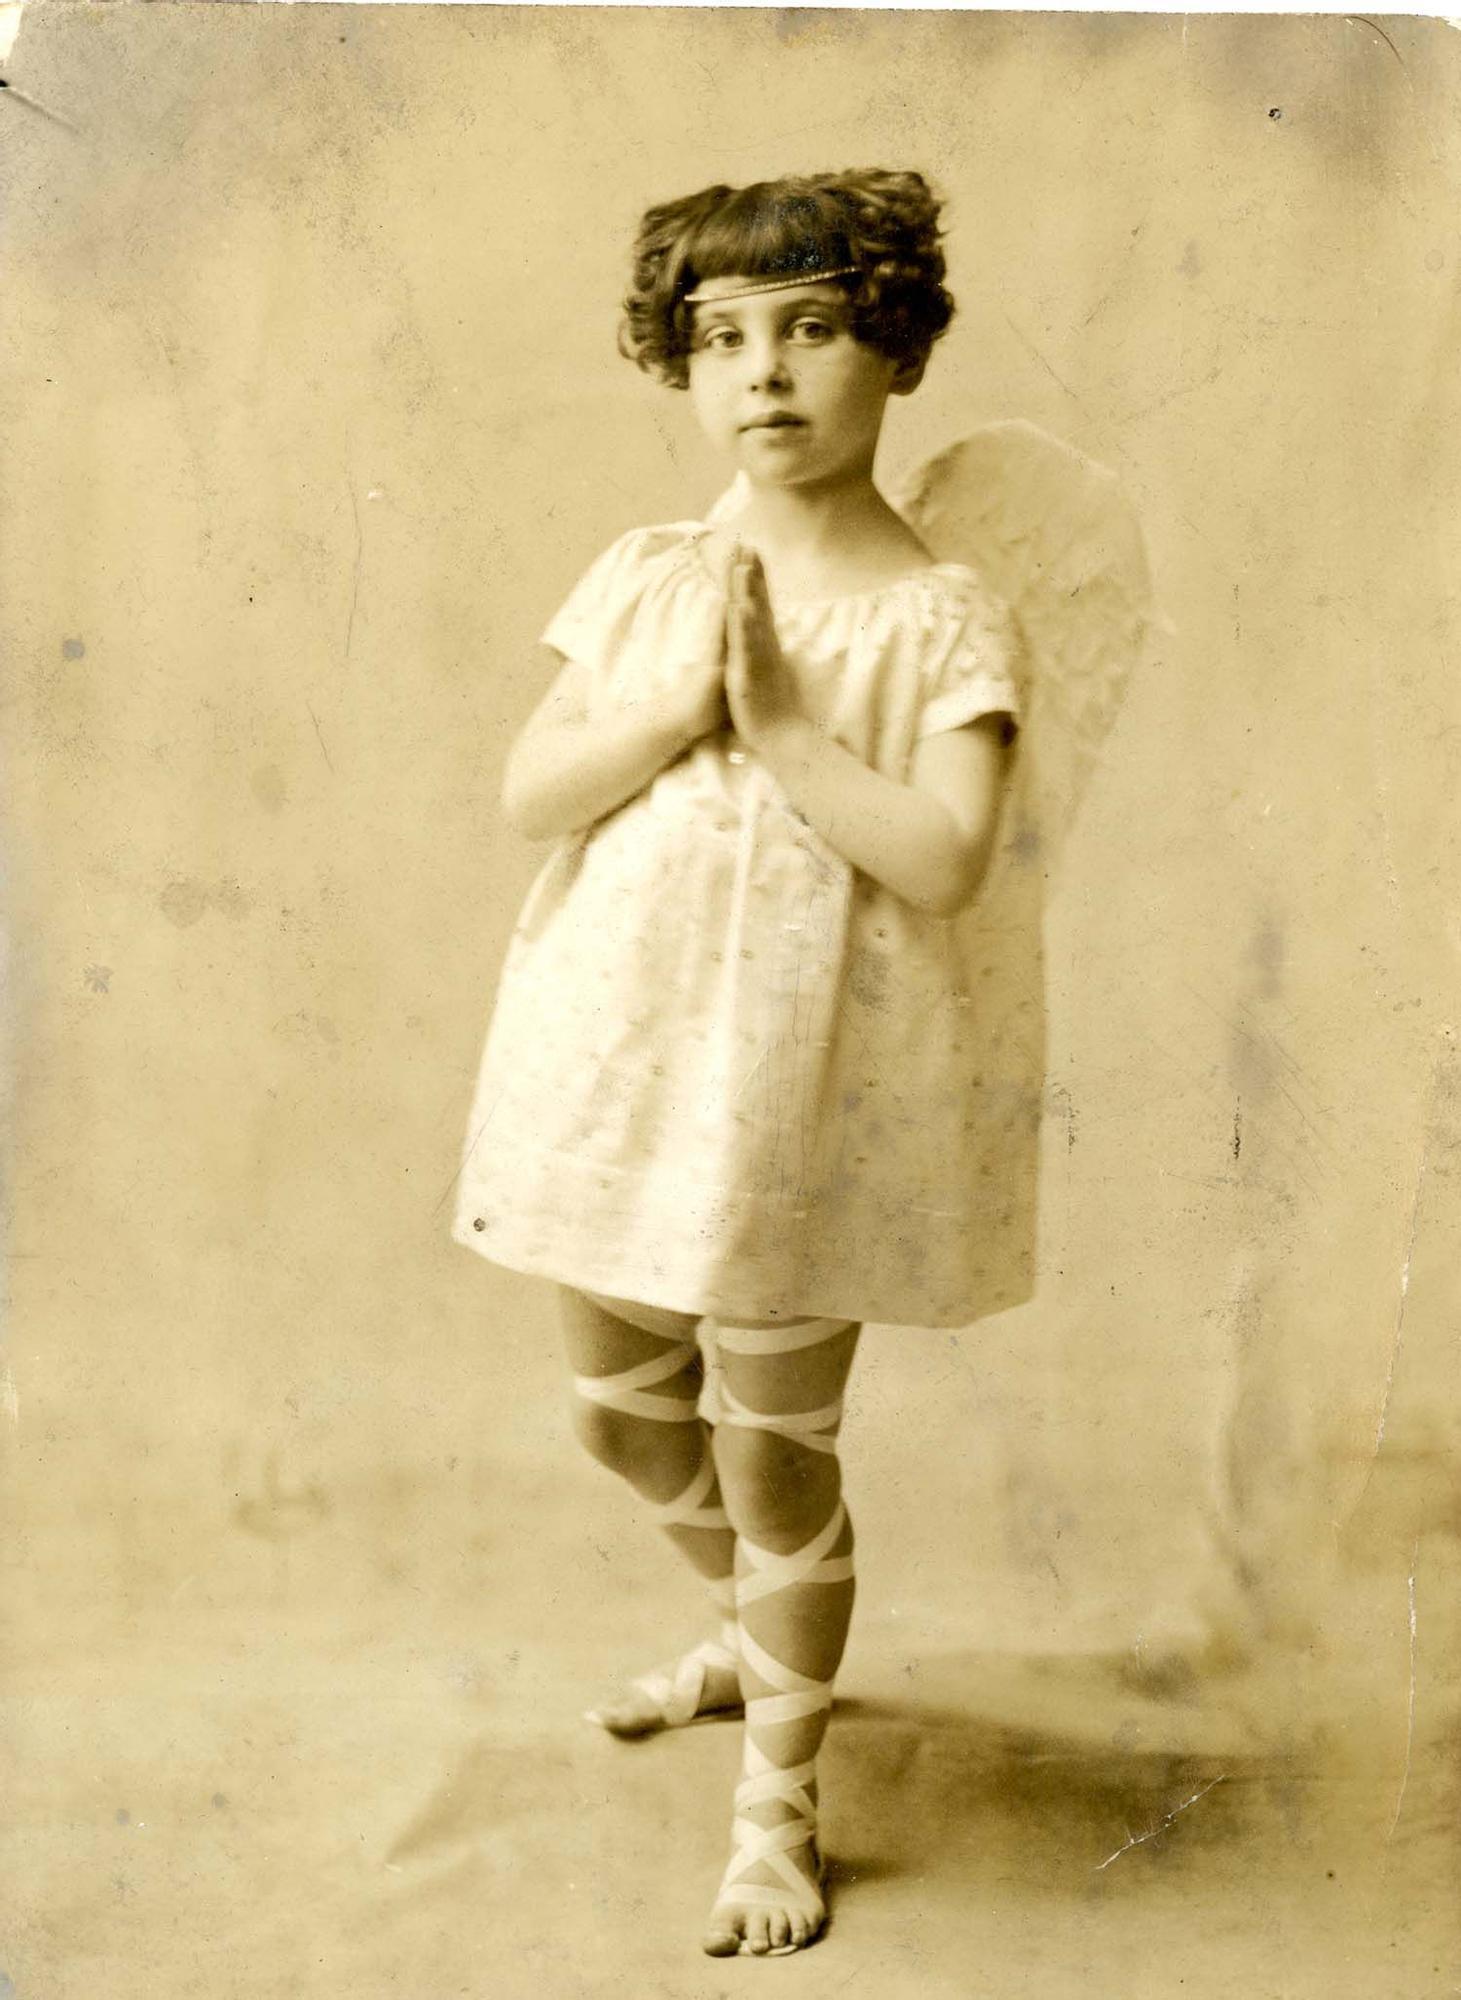 Retrato de estudio infantil, h. 1905 | Donación de Pedro Pardo